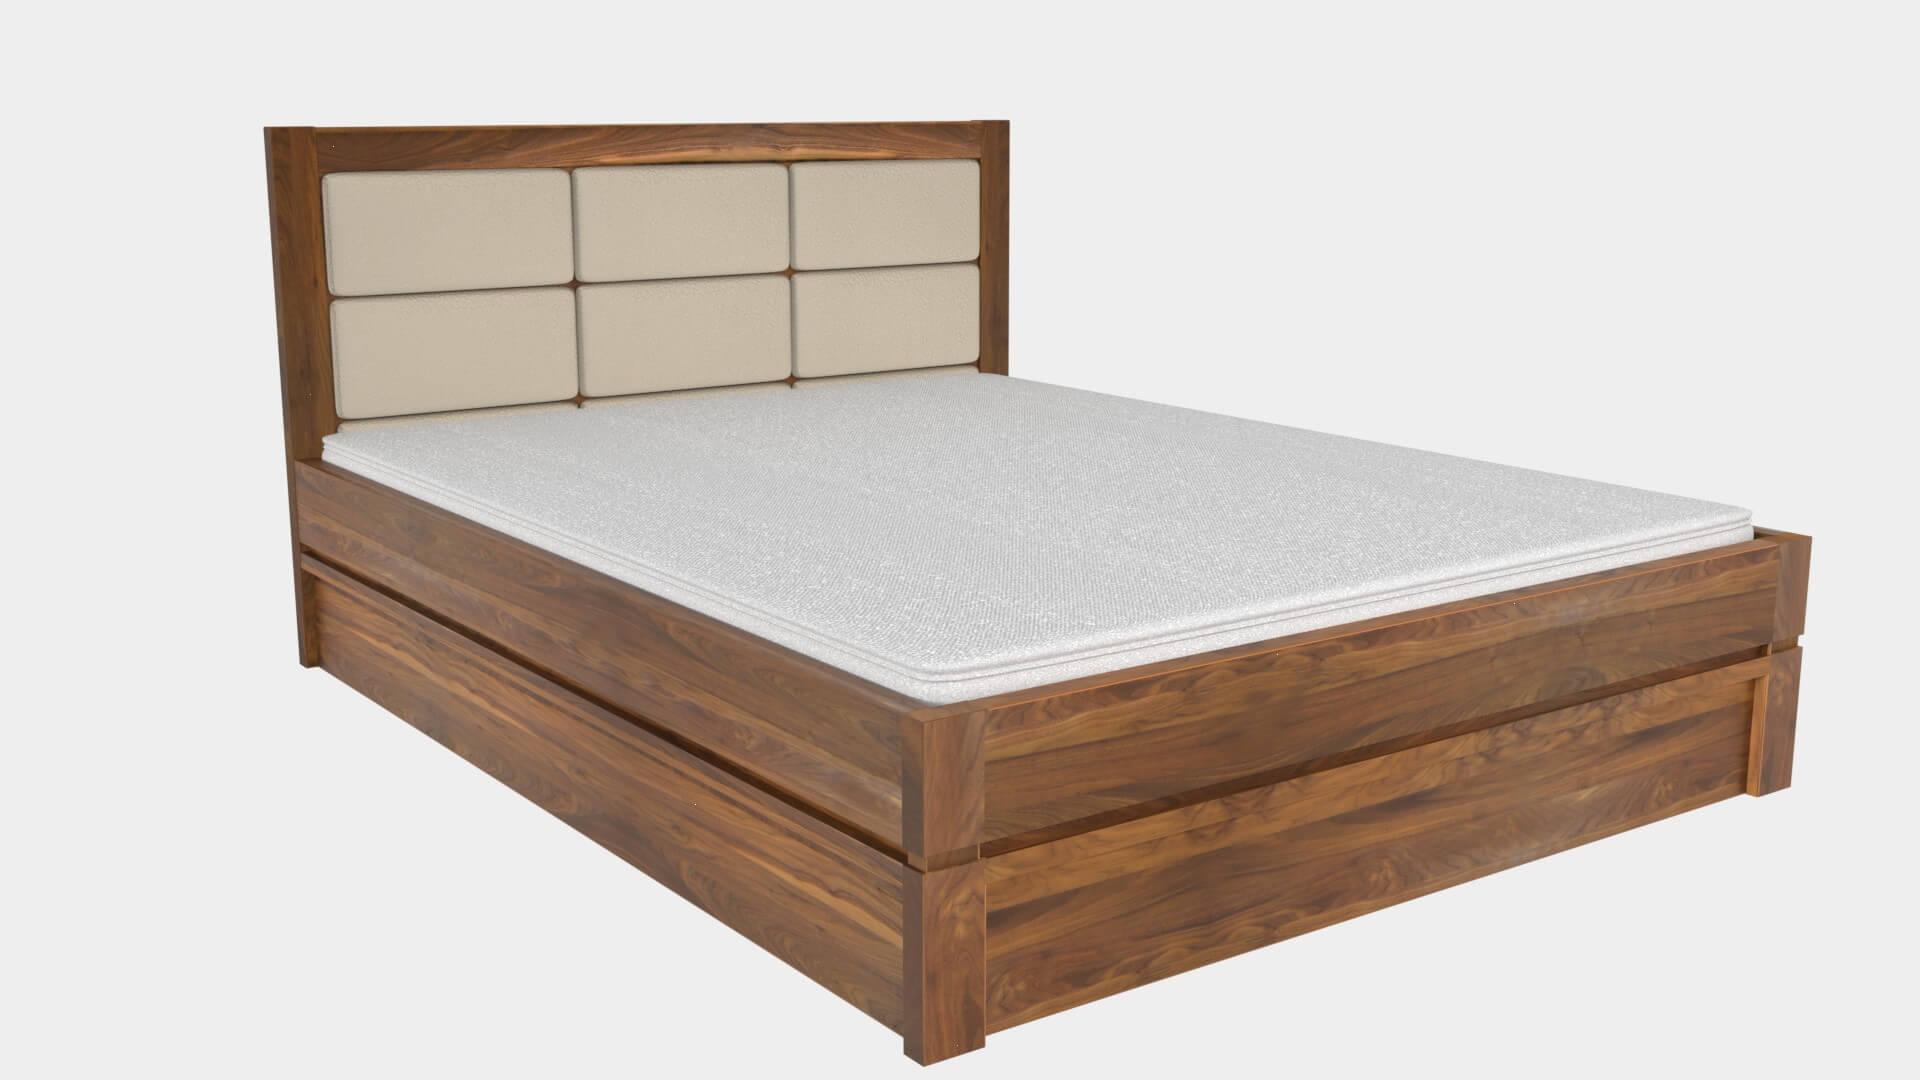 łóżko orzech amerykański tapicerka carabu